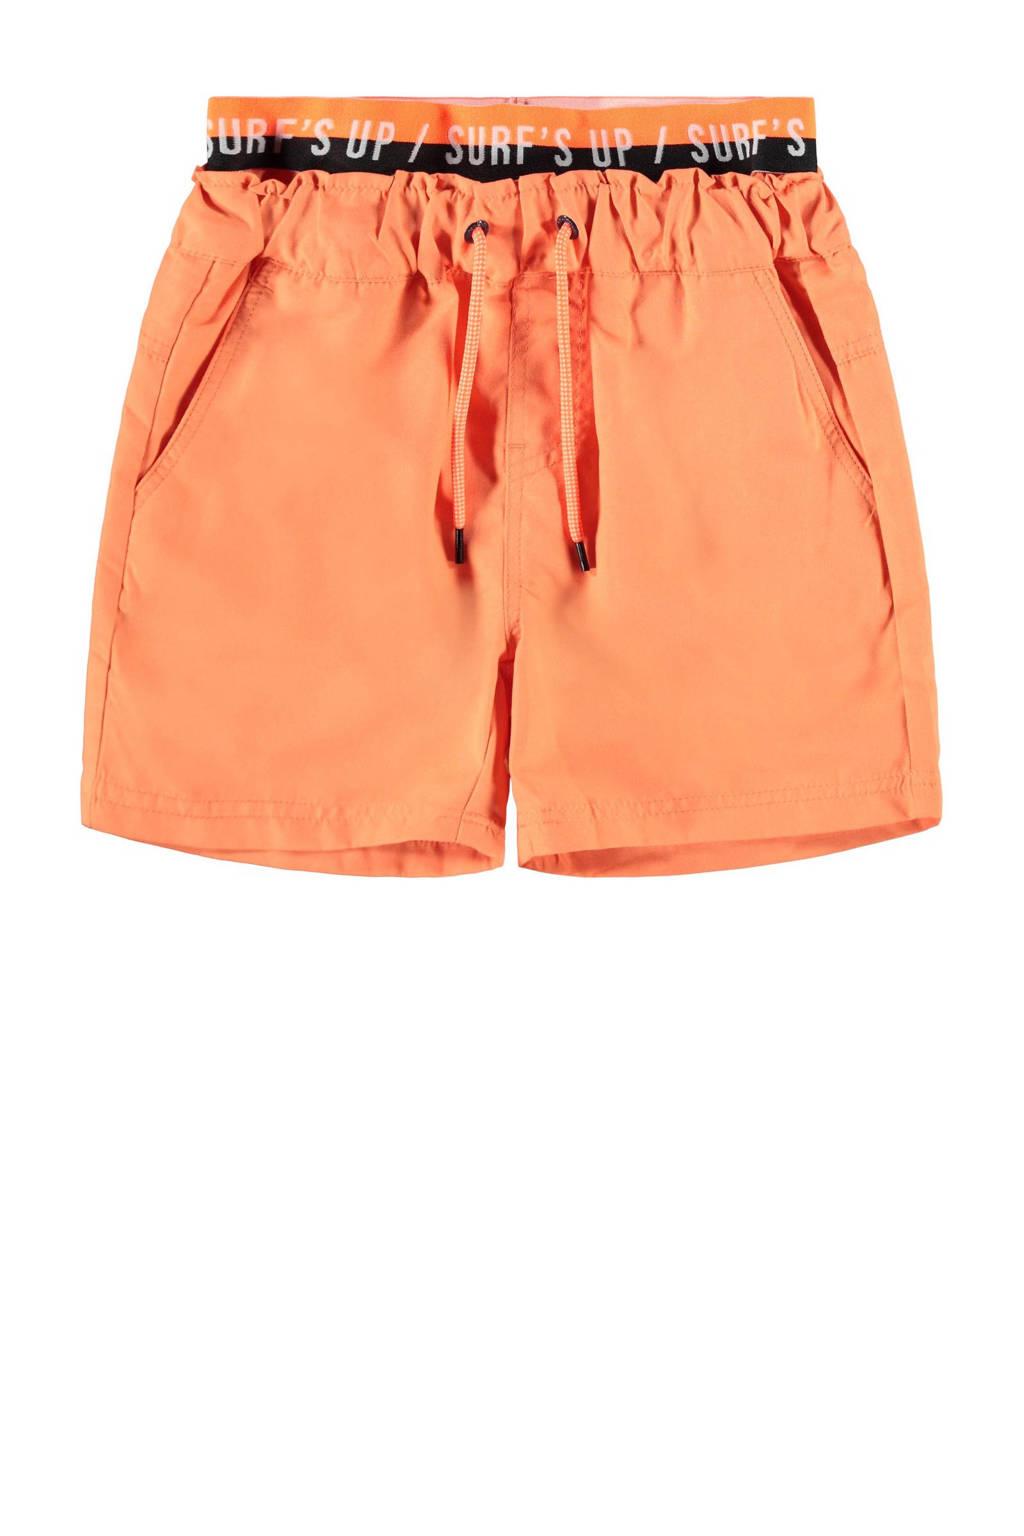 NAME IT KIDS zwemshort Zelixo oranje, Oranje